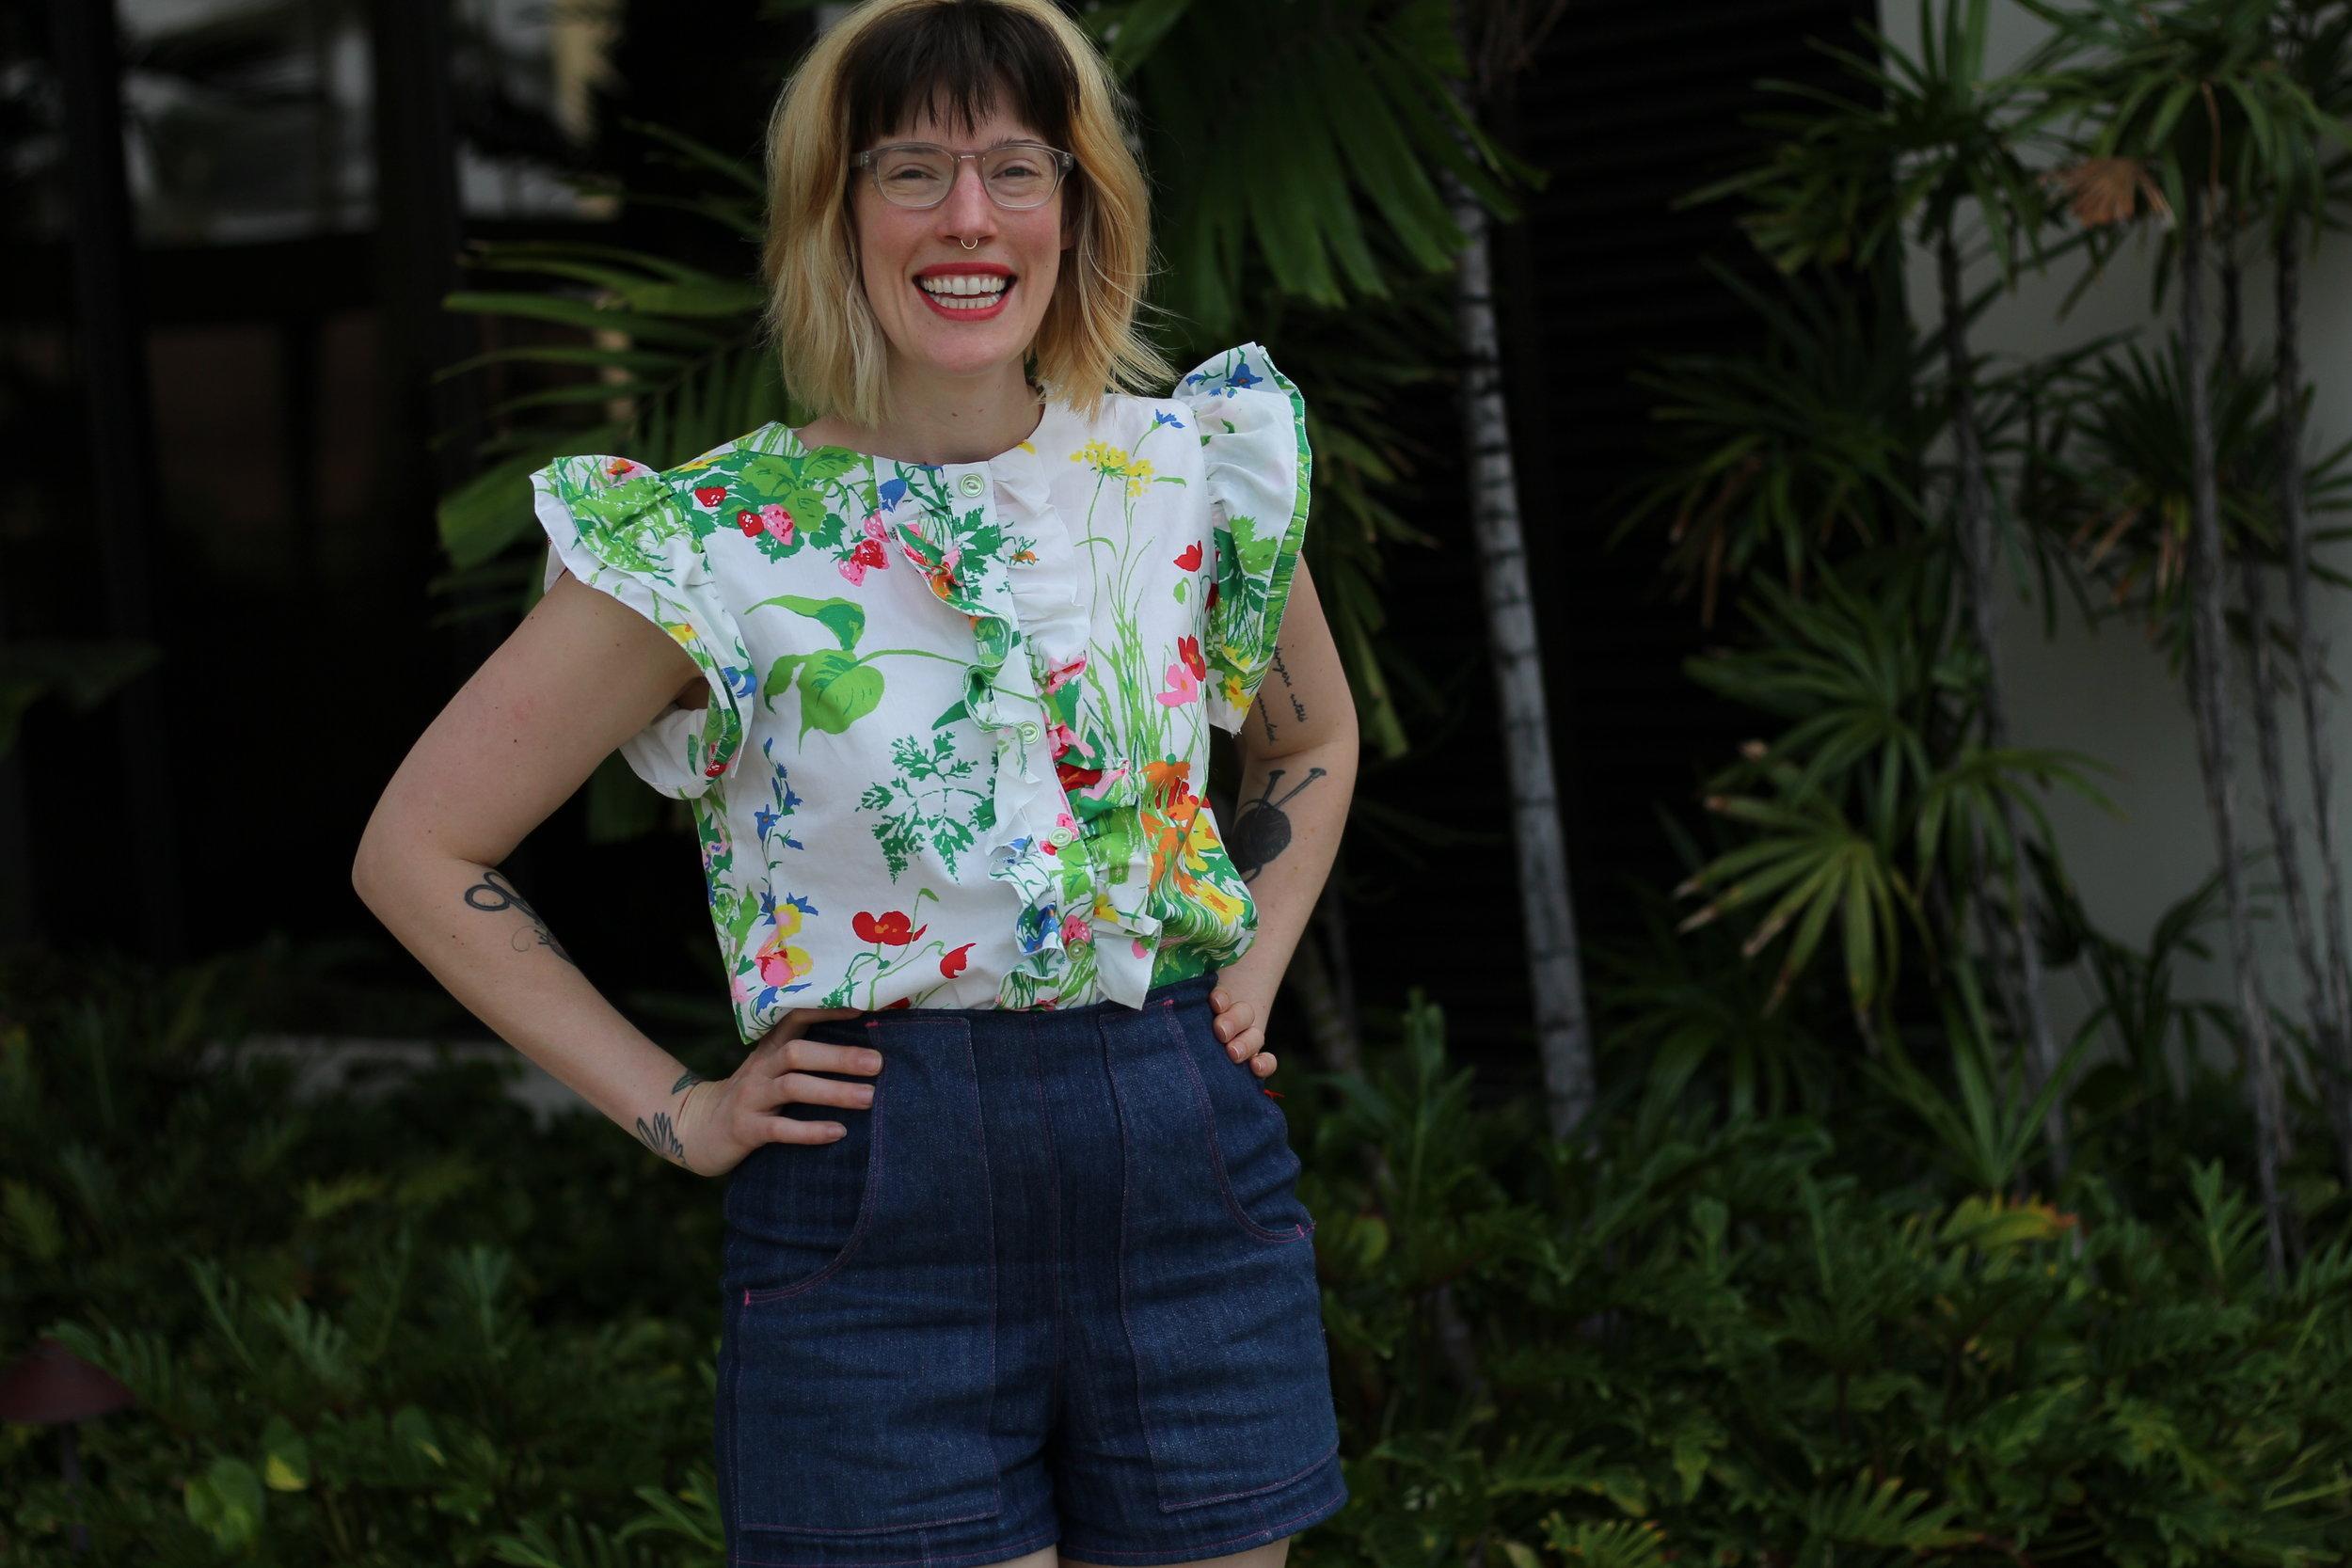 Erin Weisbart of Tuesday Stitches